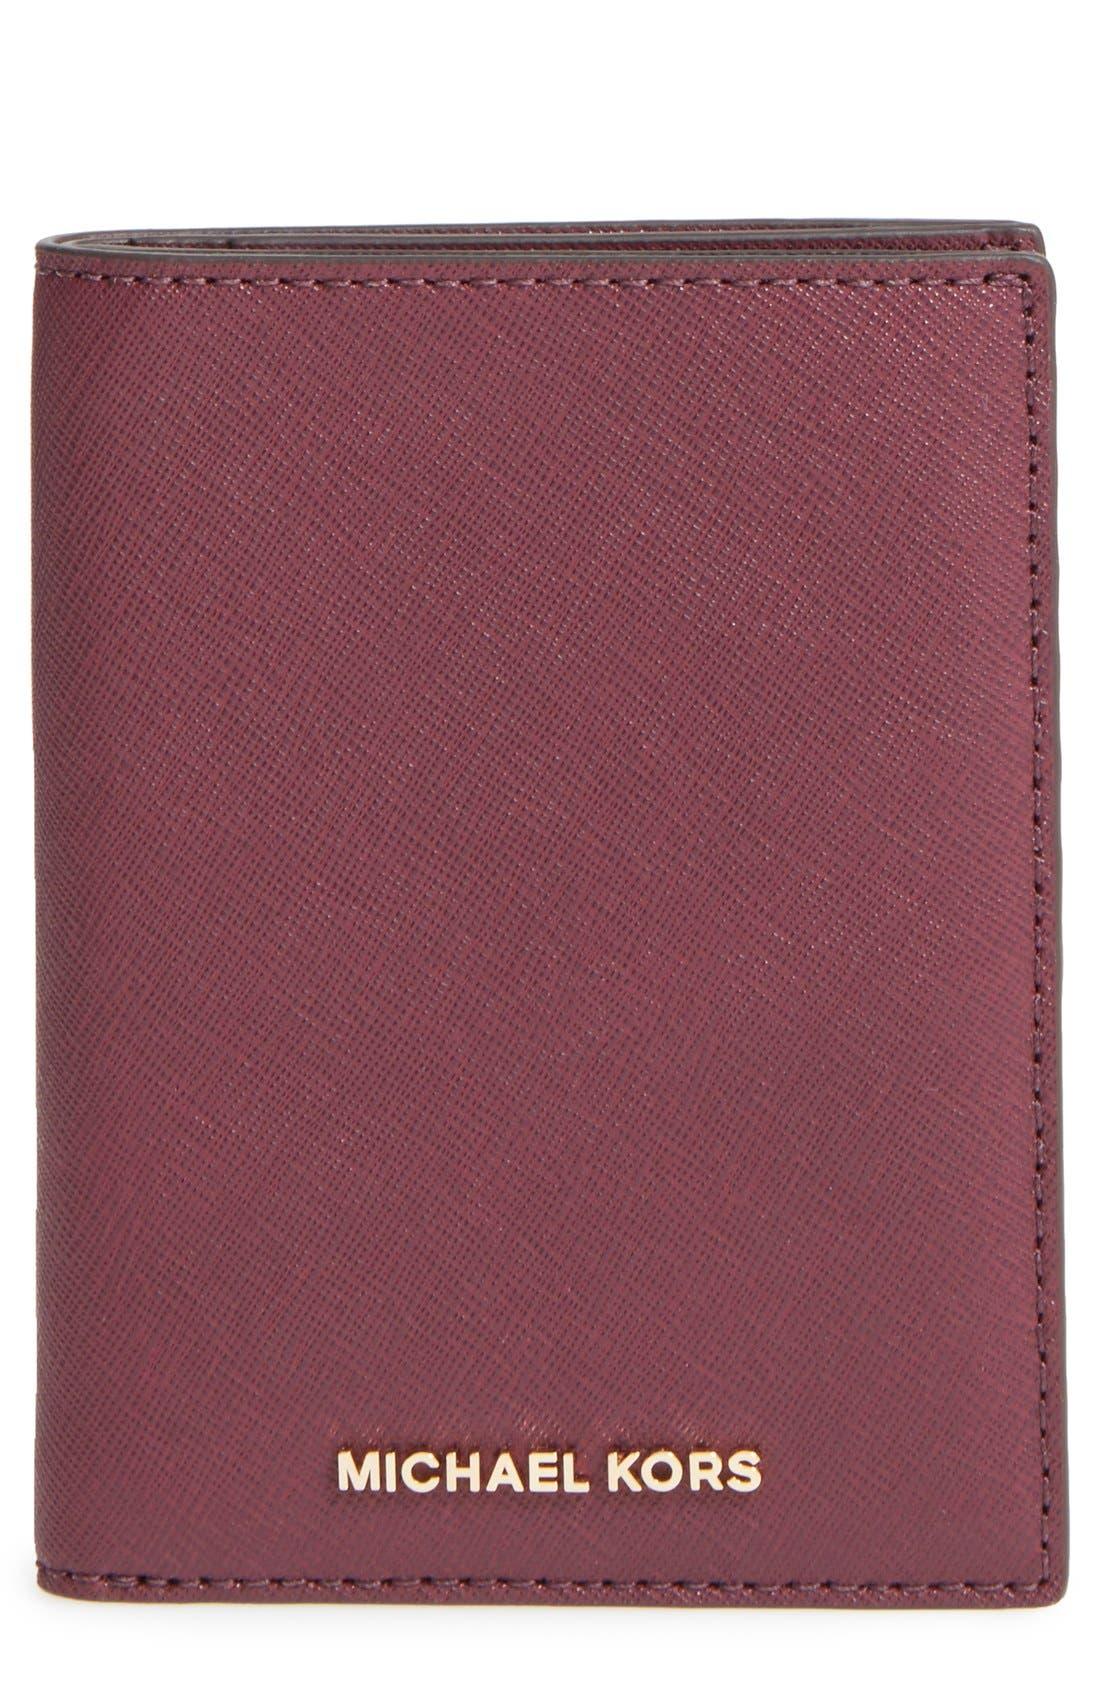 'Jet Set' Leather Passport Wallet,                             Main thumbnail 1, color,                             Plum/ Gold